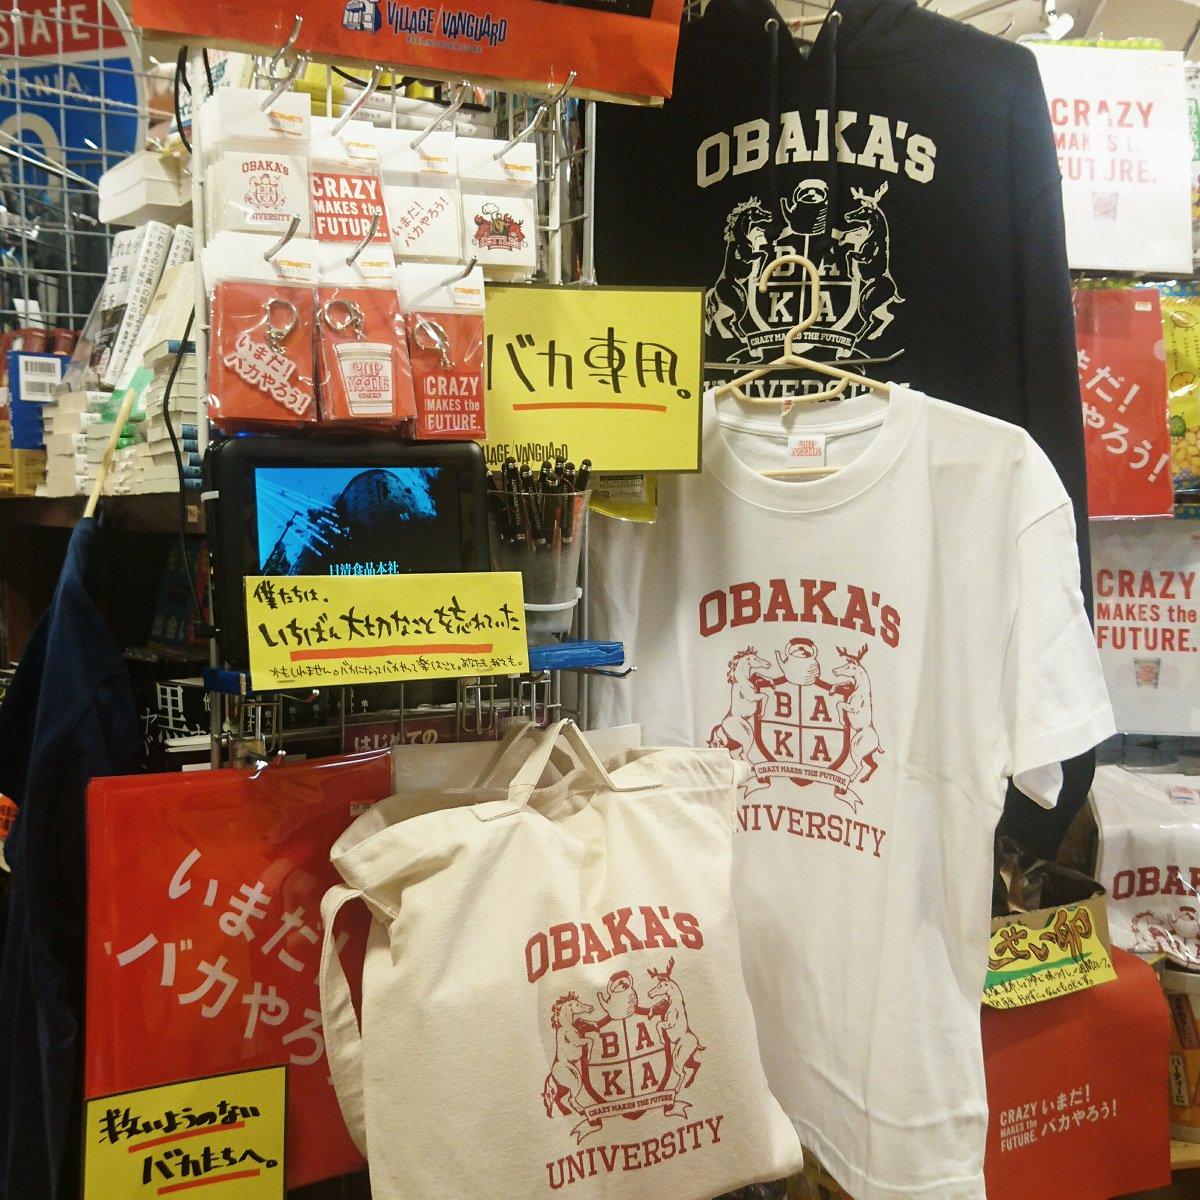 OBAKA's大学廃校に伴い、生協が抱える大学グッズの在庫をヴィレッジヴァンガードさんが引き取って販…